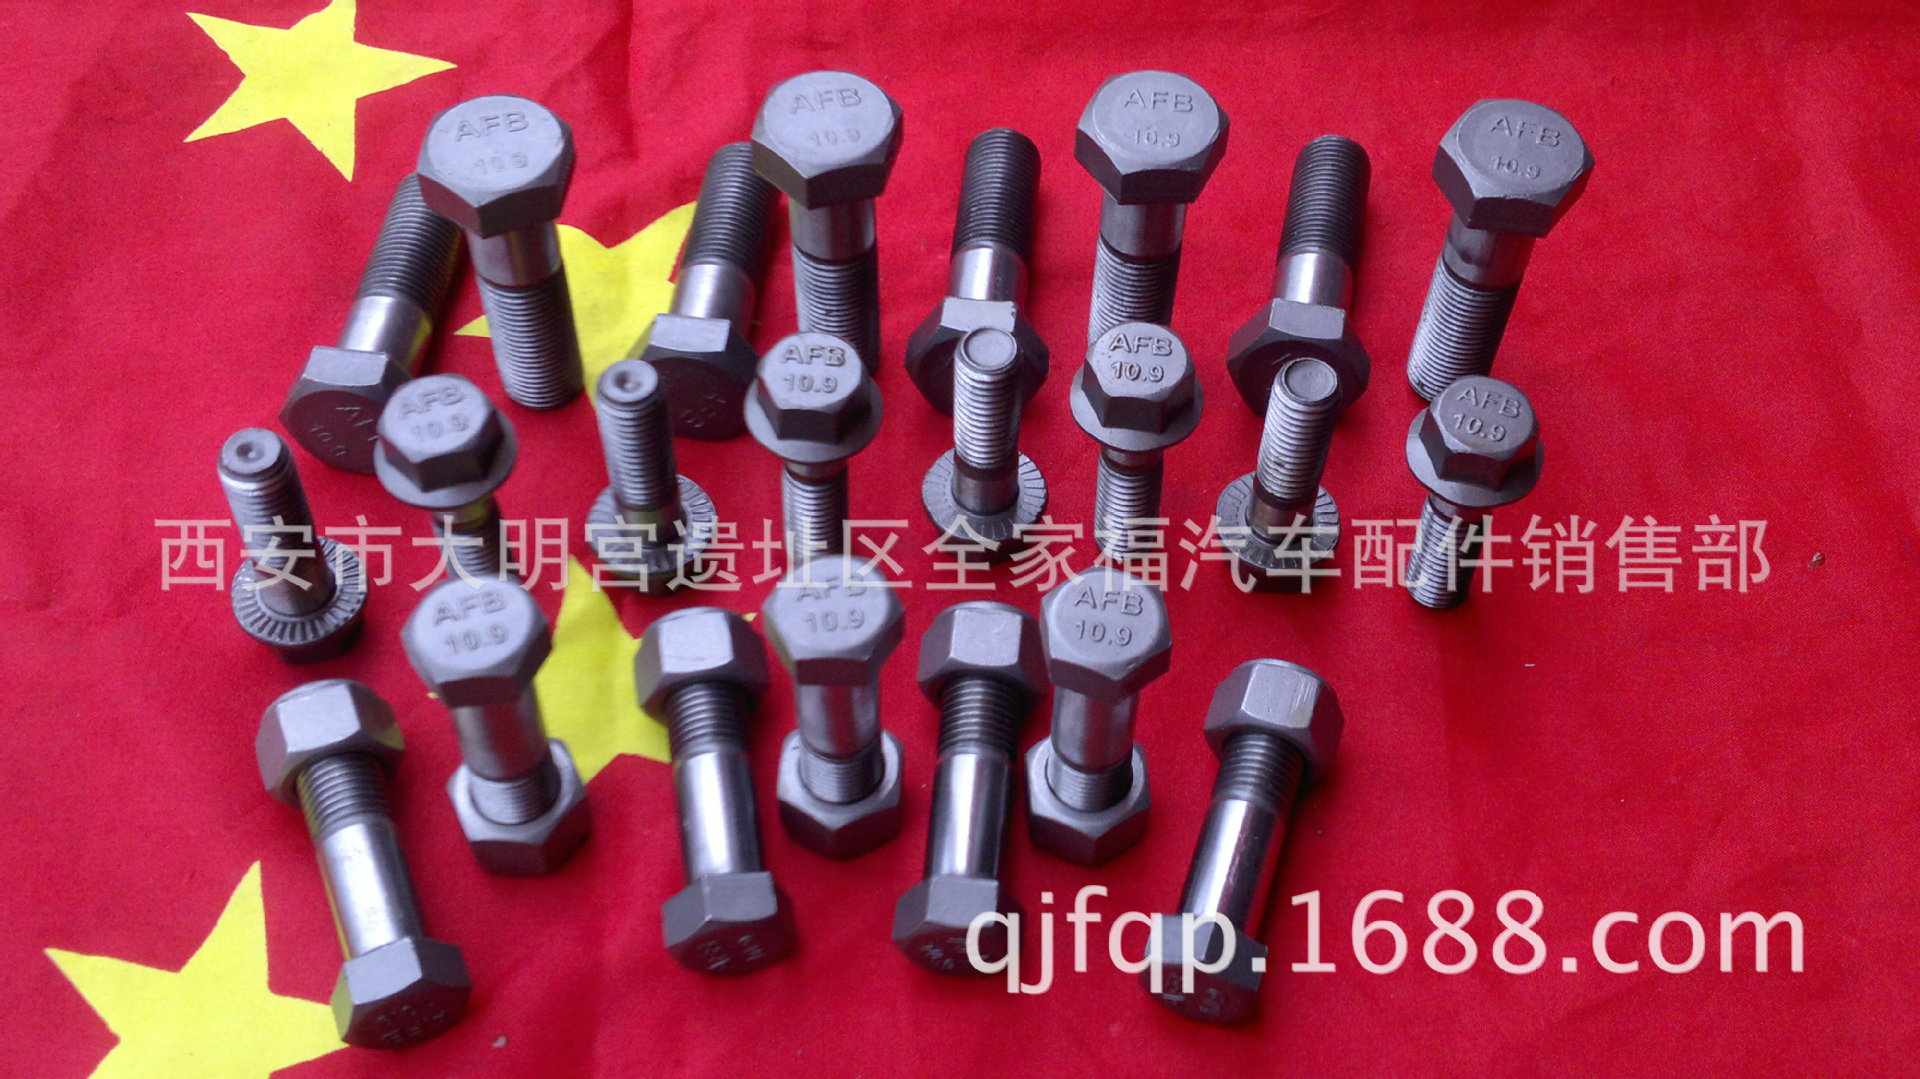 传动轴螺丝 汽车精品afb传动轴螺丝 半轴螺丝 螺丝大全 阿里巴巴高清图片